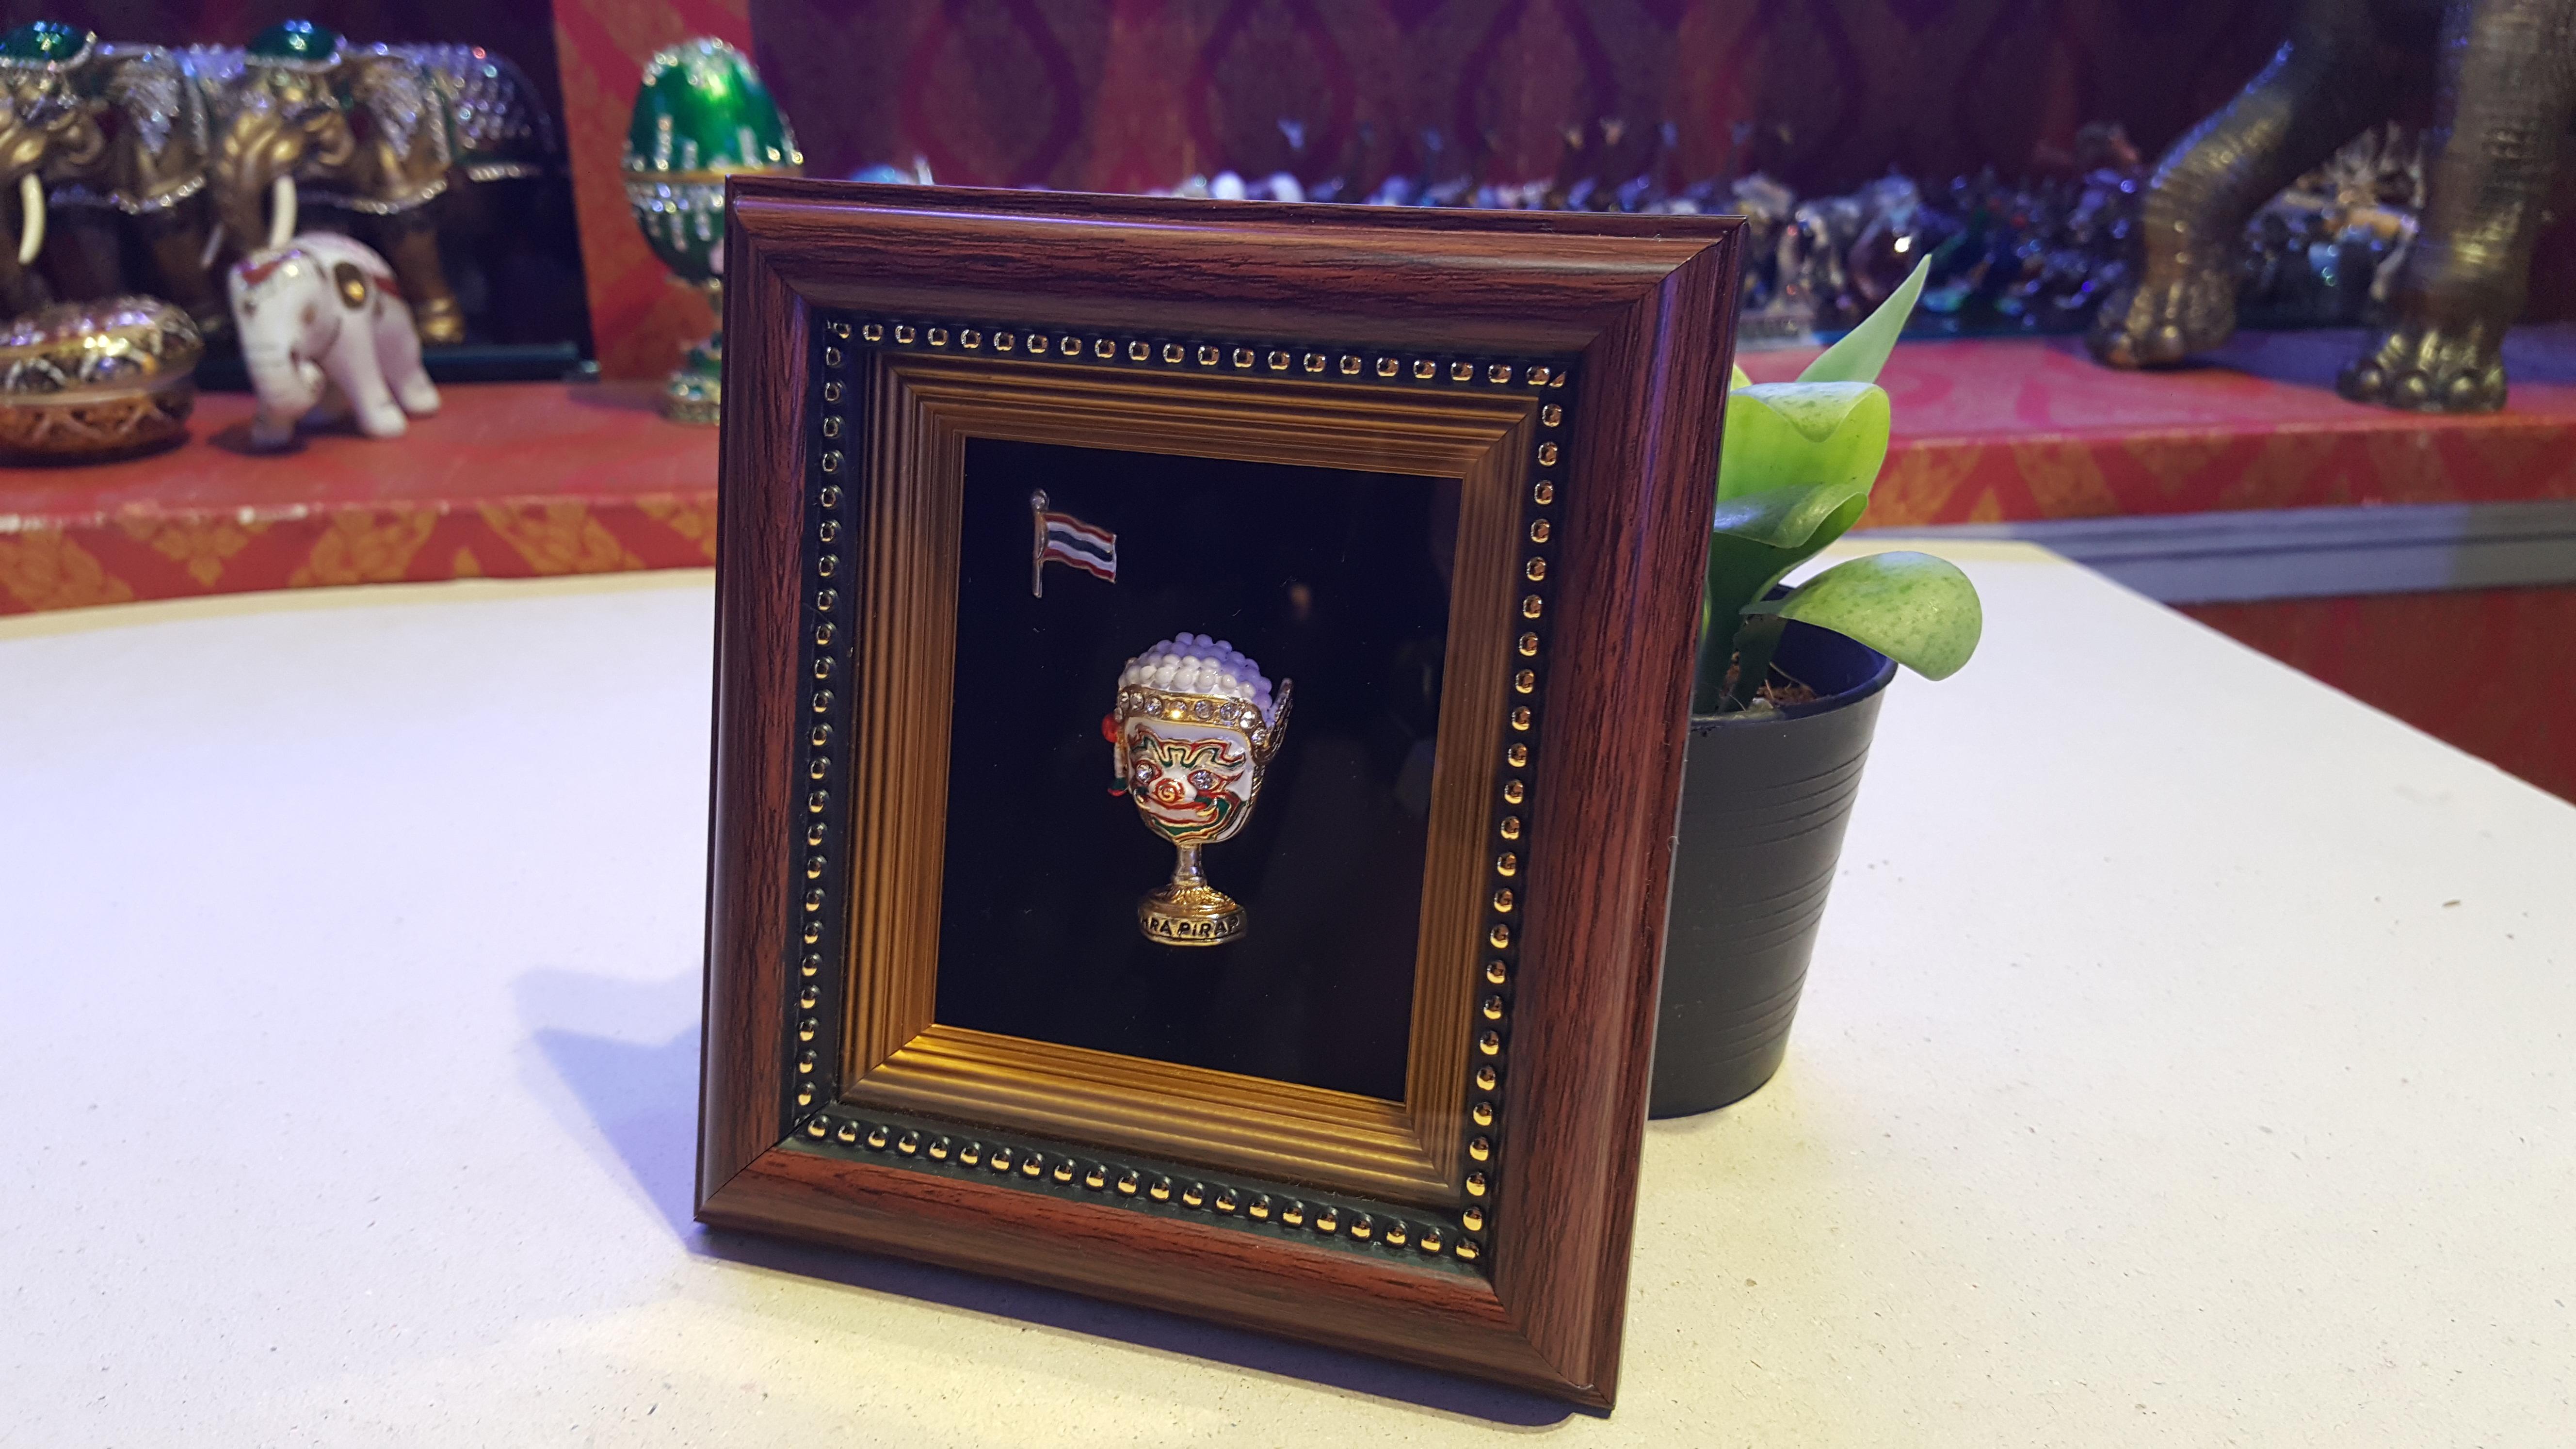 กรอบรูปสวยงาม กรอบรูปเอกลักษณ์ไทย เป็นงานหัตถศิลป์ งานแฮนเมด